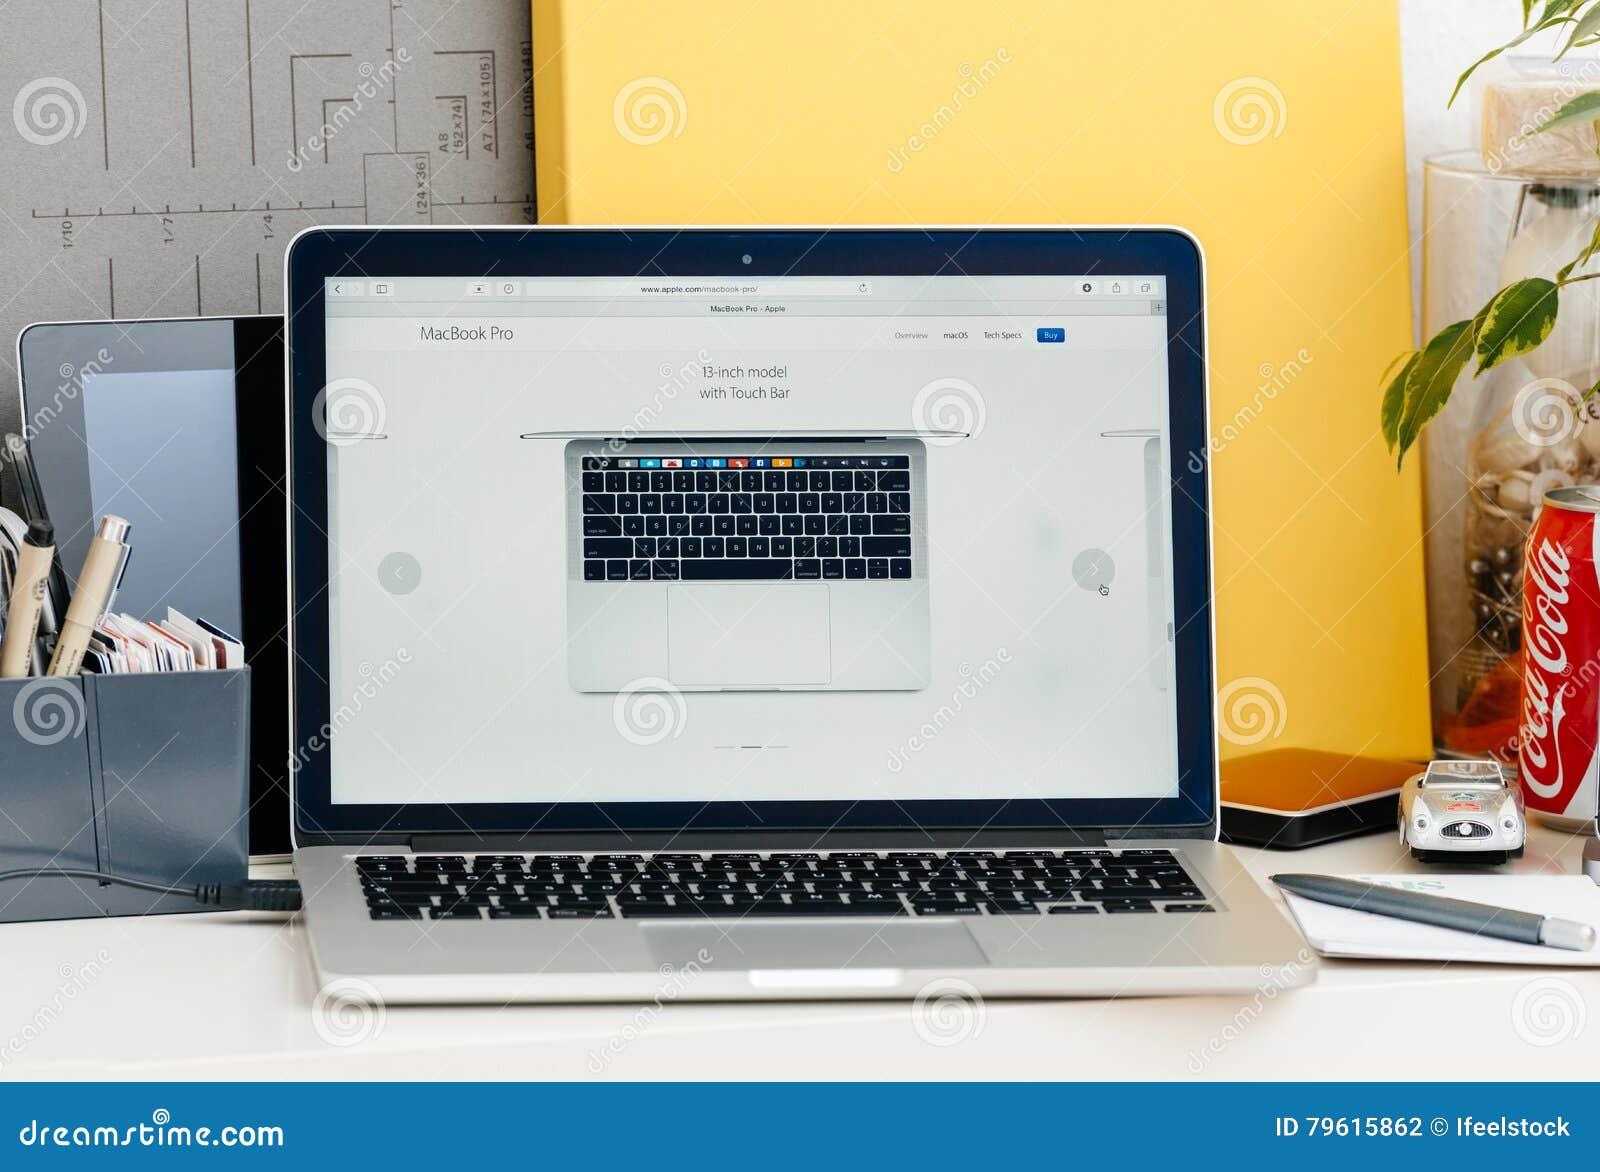 Retina nova de MacBook Pro 13 polegadas de cima de